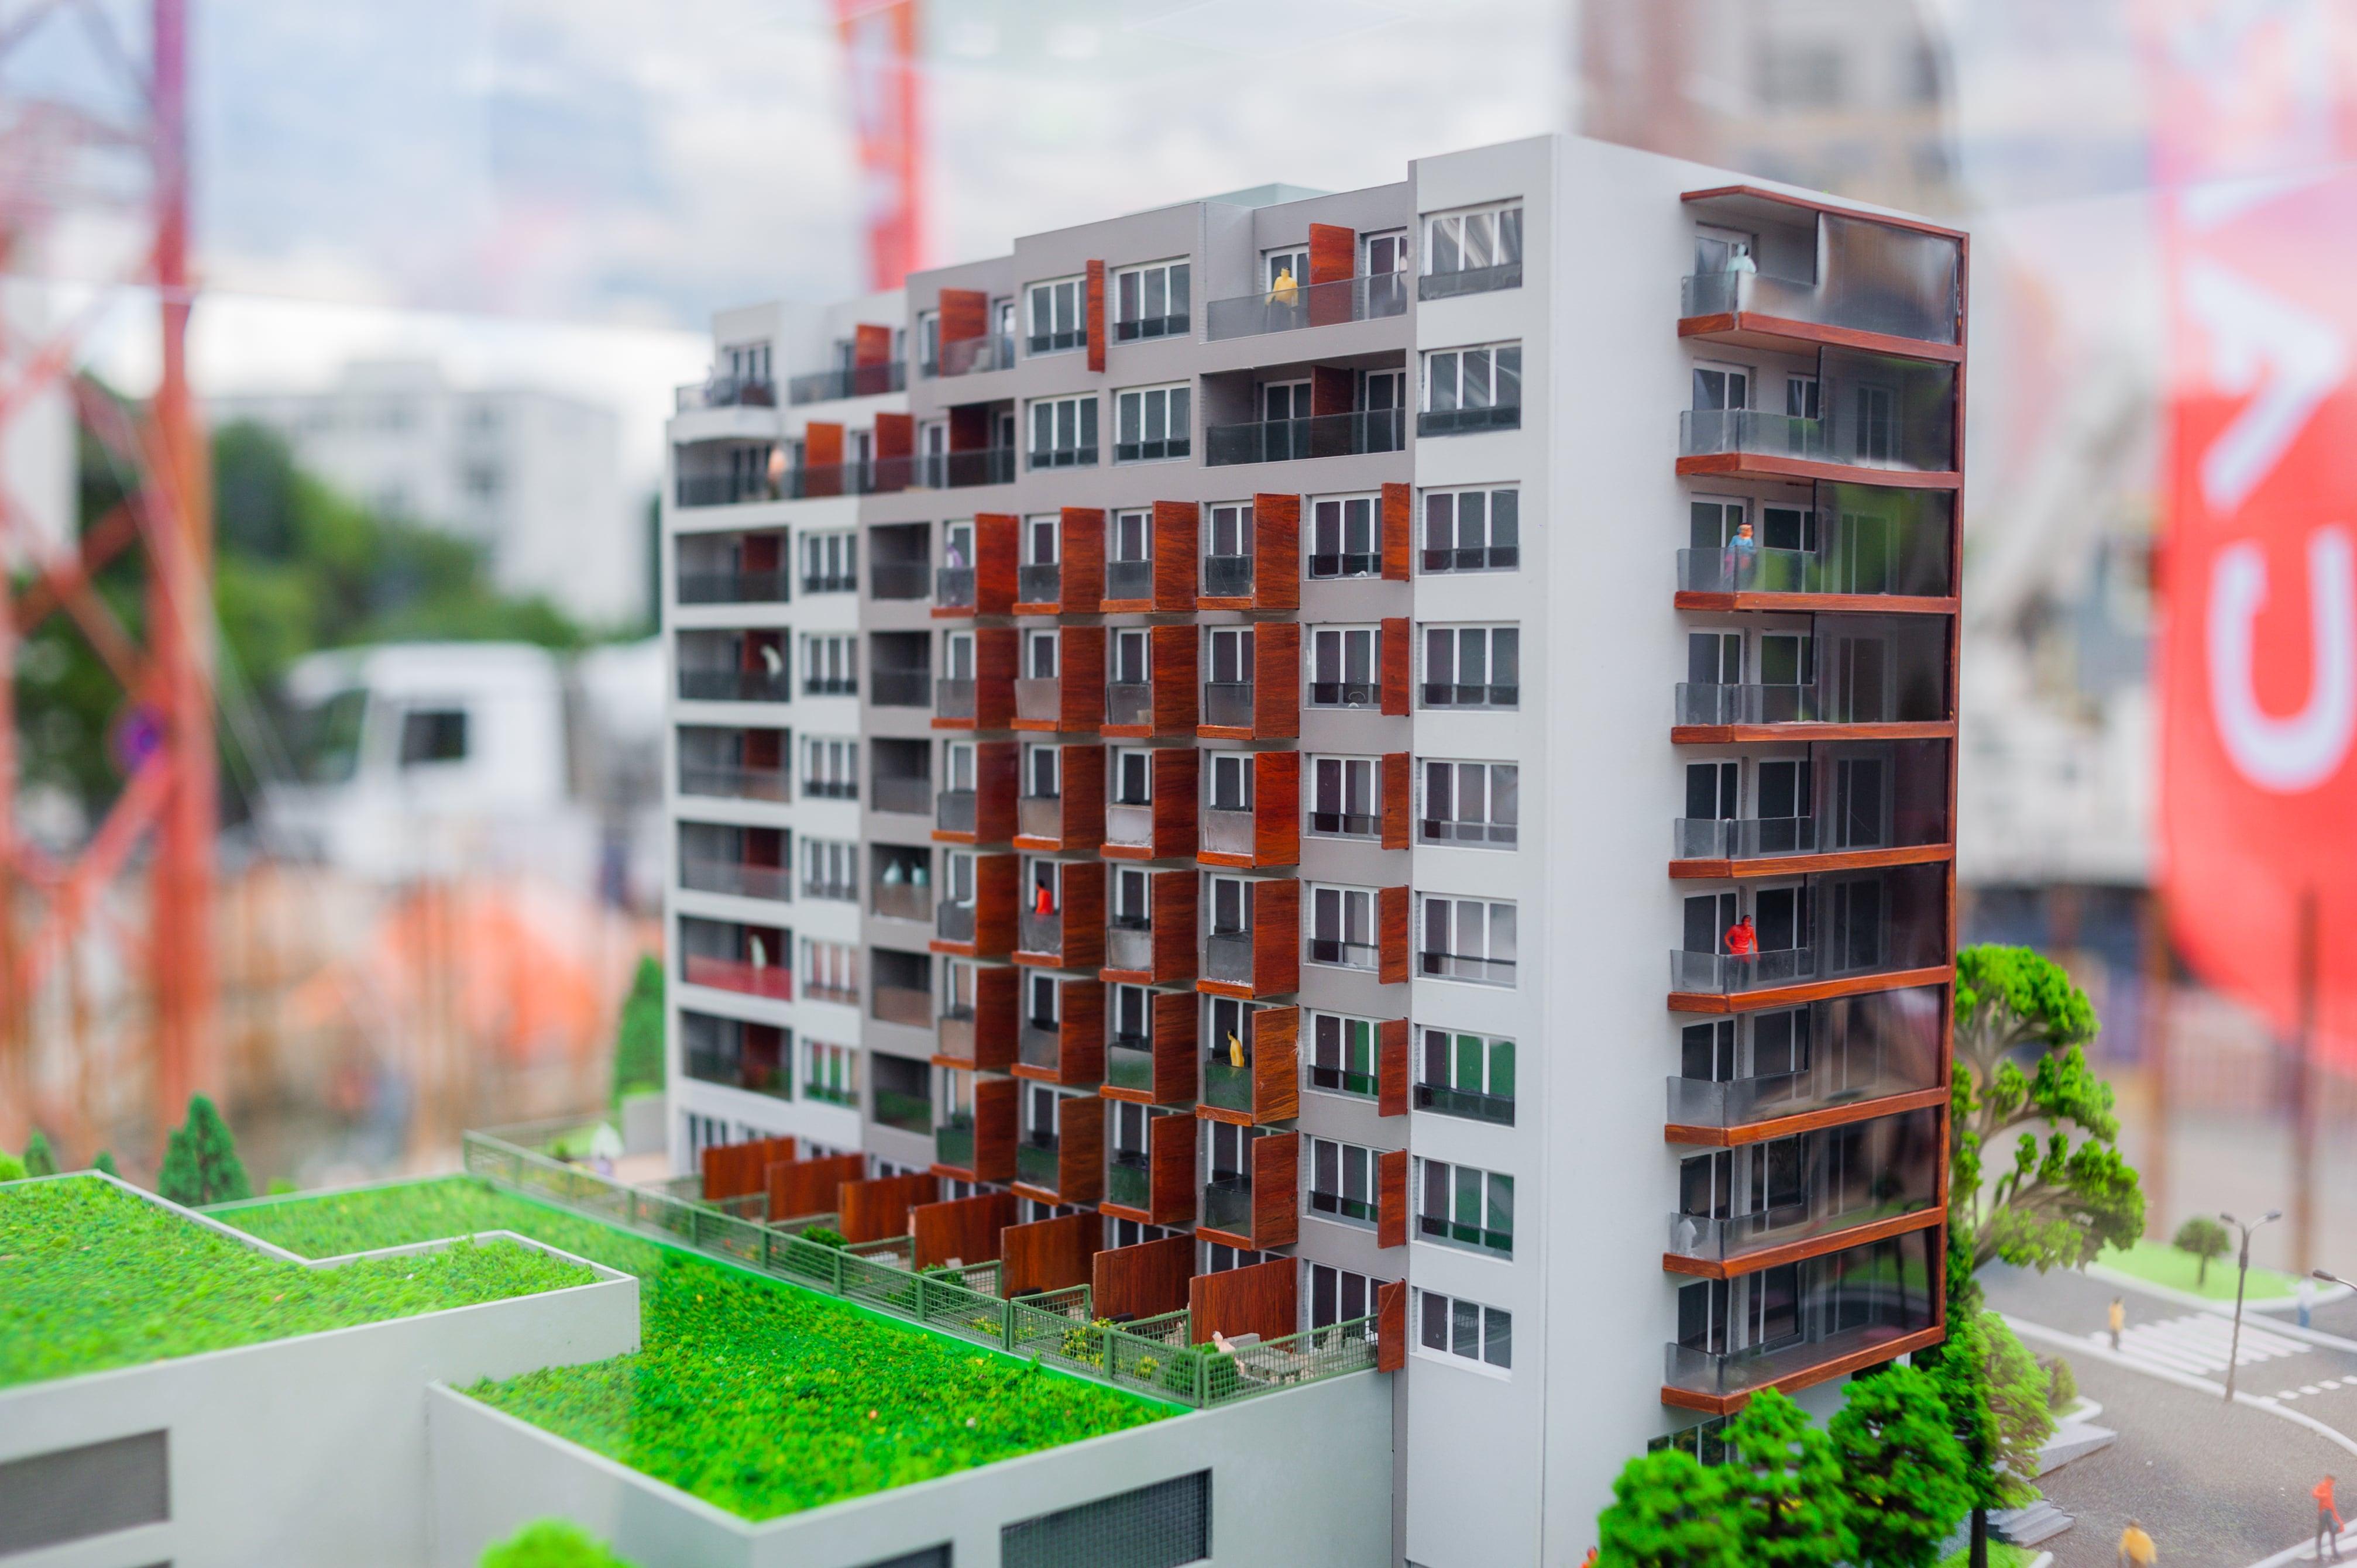 prodej bytu praha 4, novostavby praha 4, investiční byty, sreality, hamr záběhlice